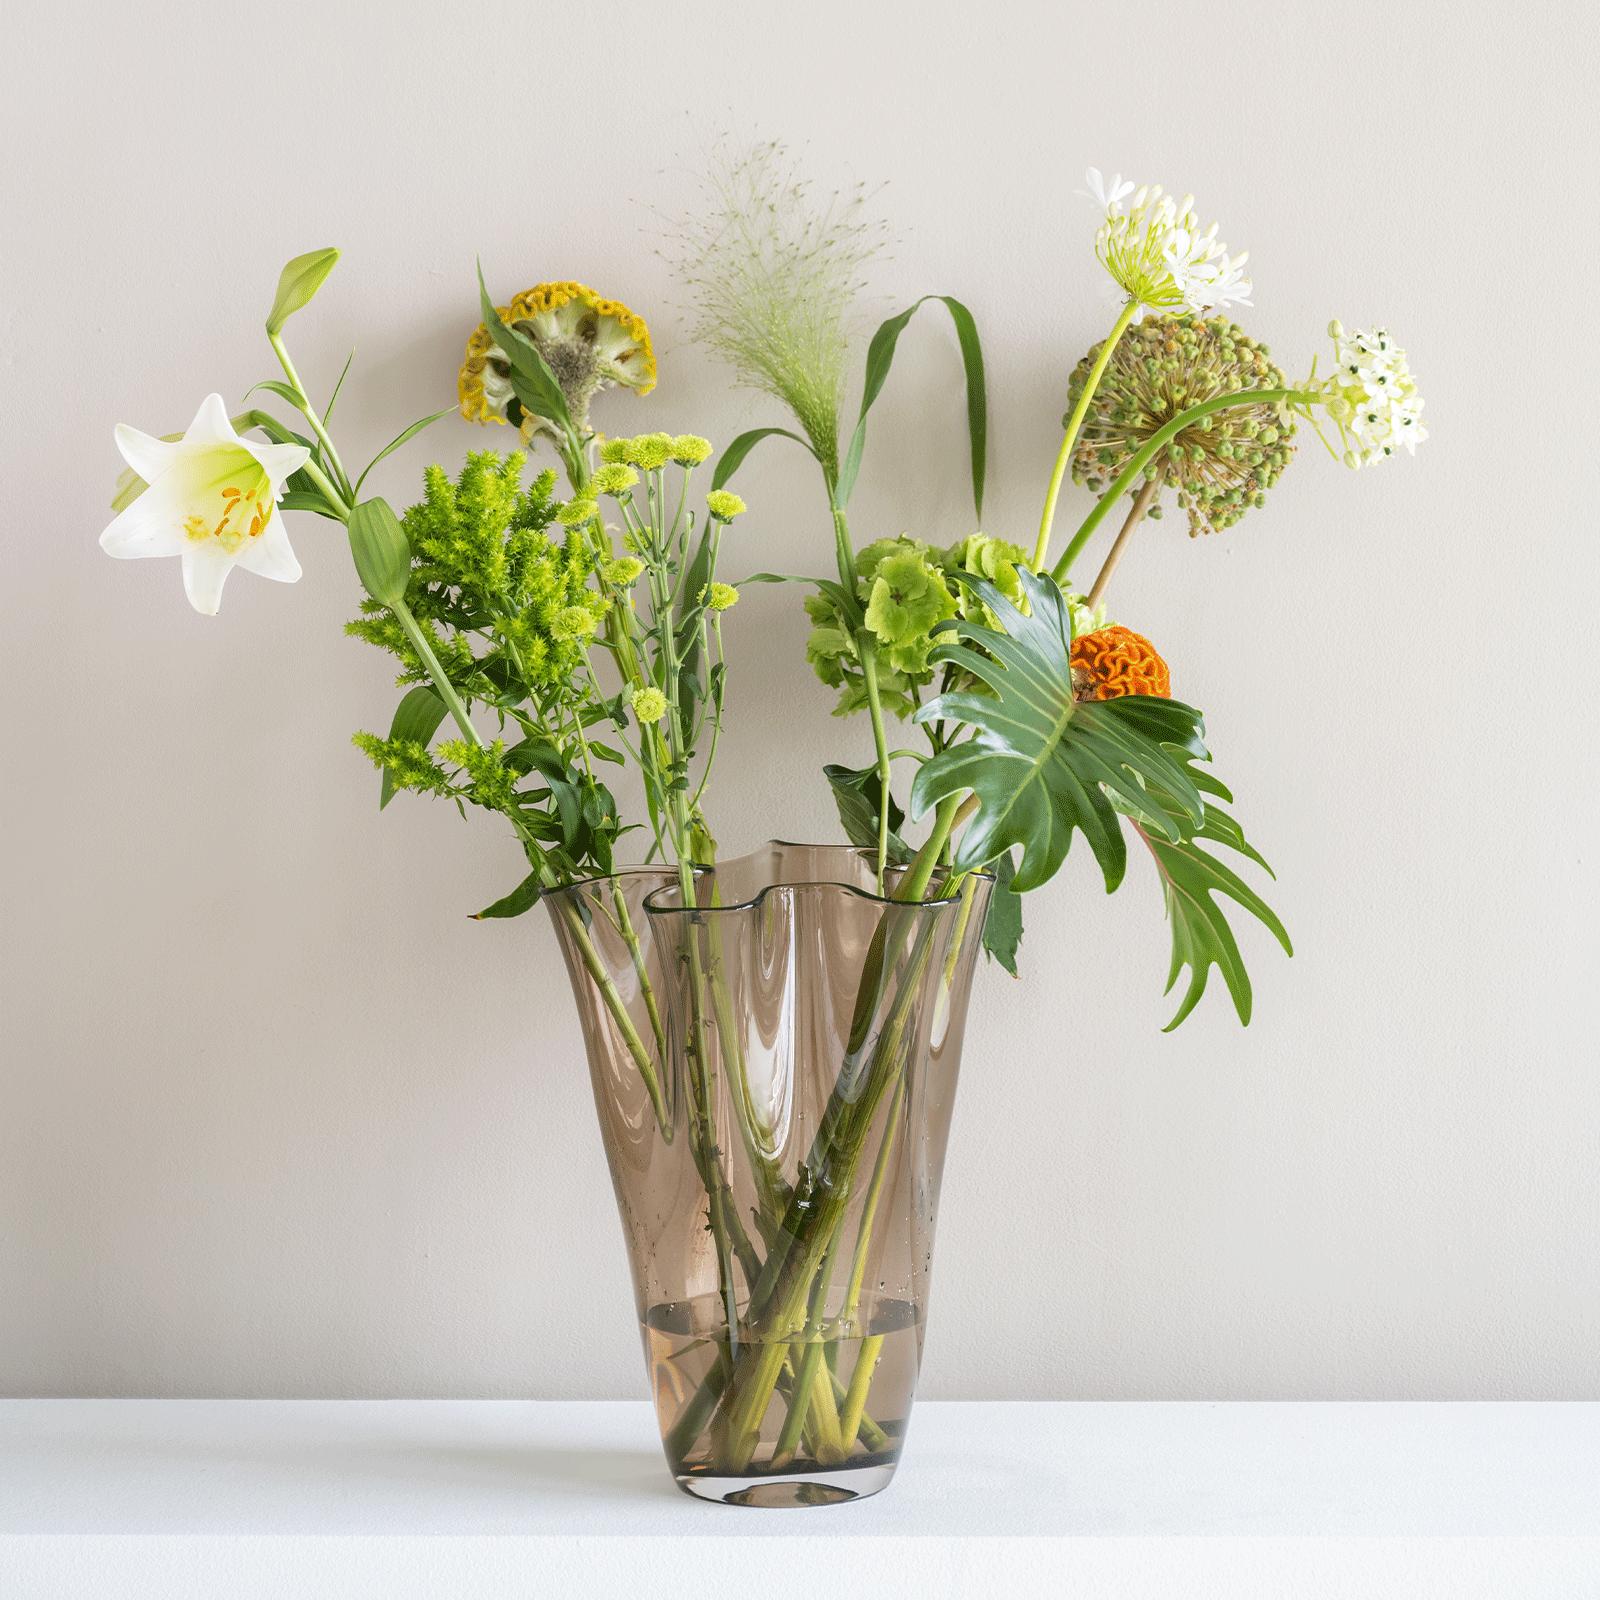 Vase en verre fumé recyclé